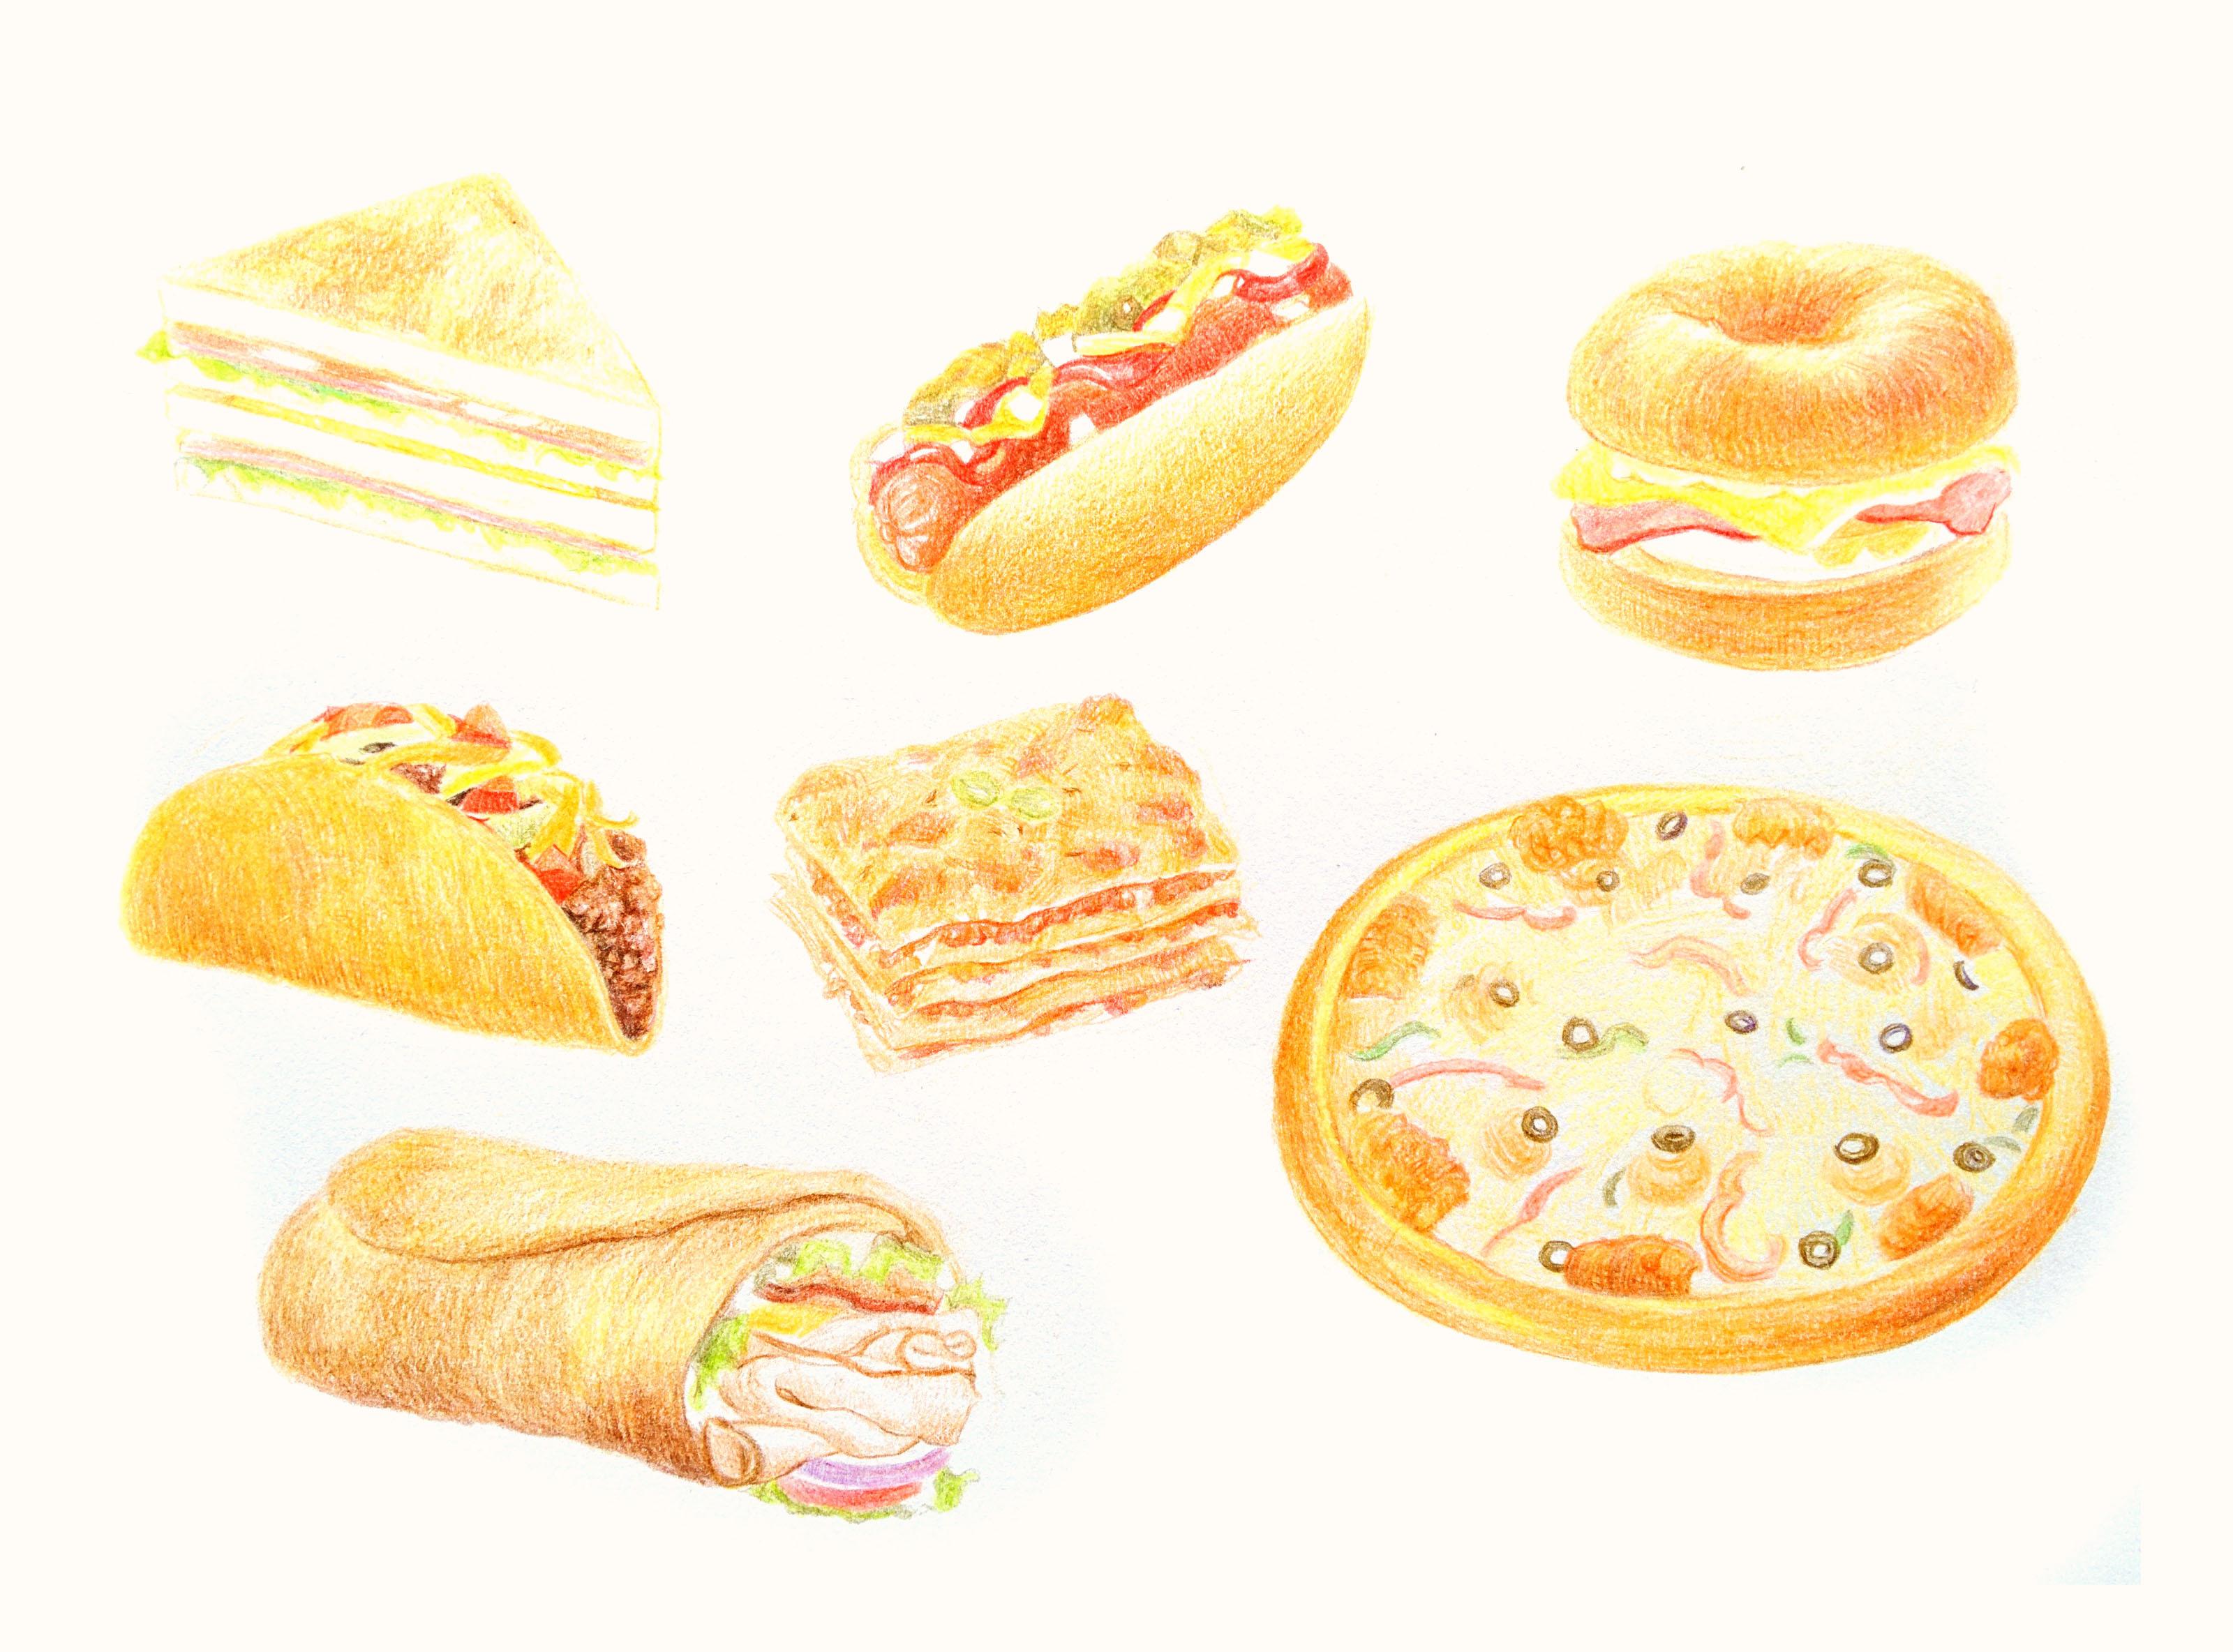 彩铅手绘美食